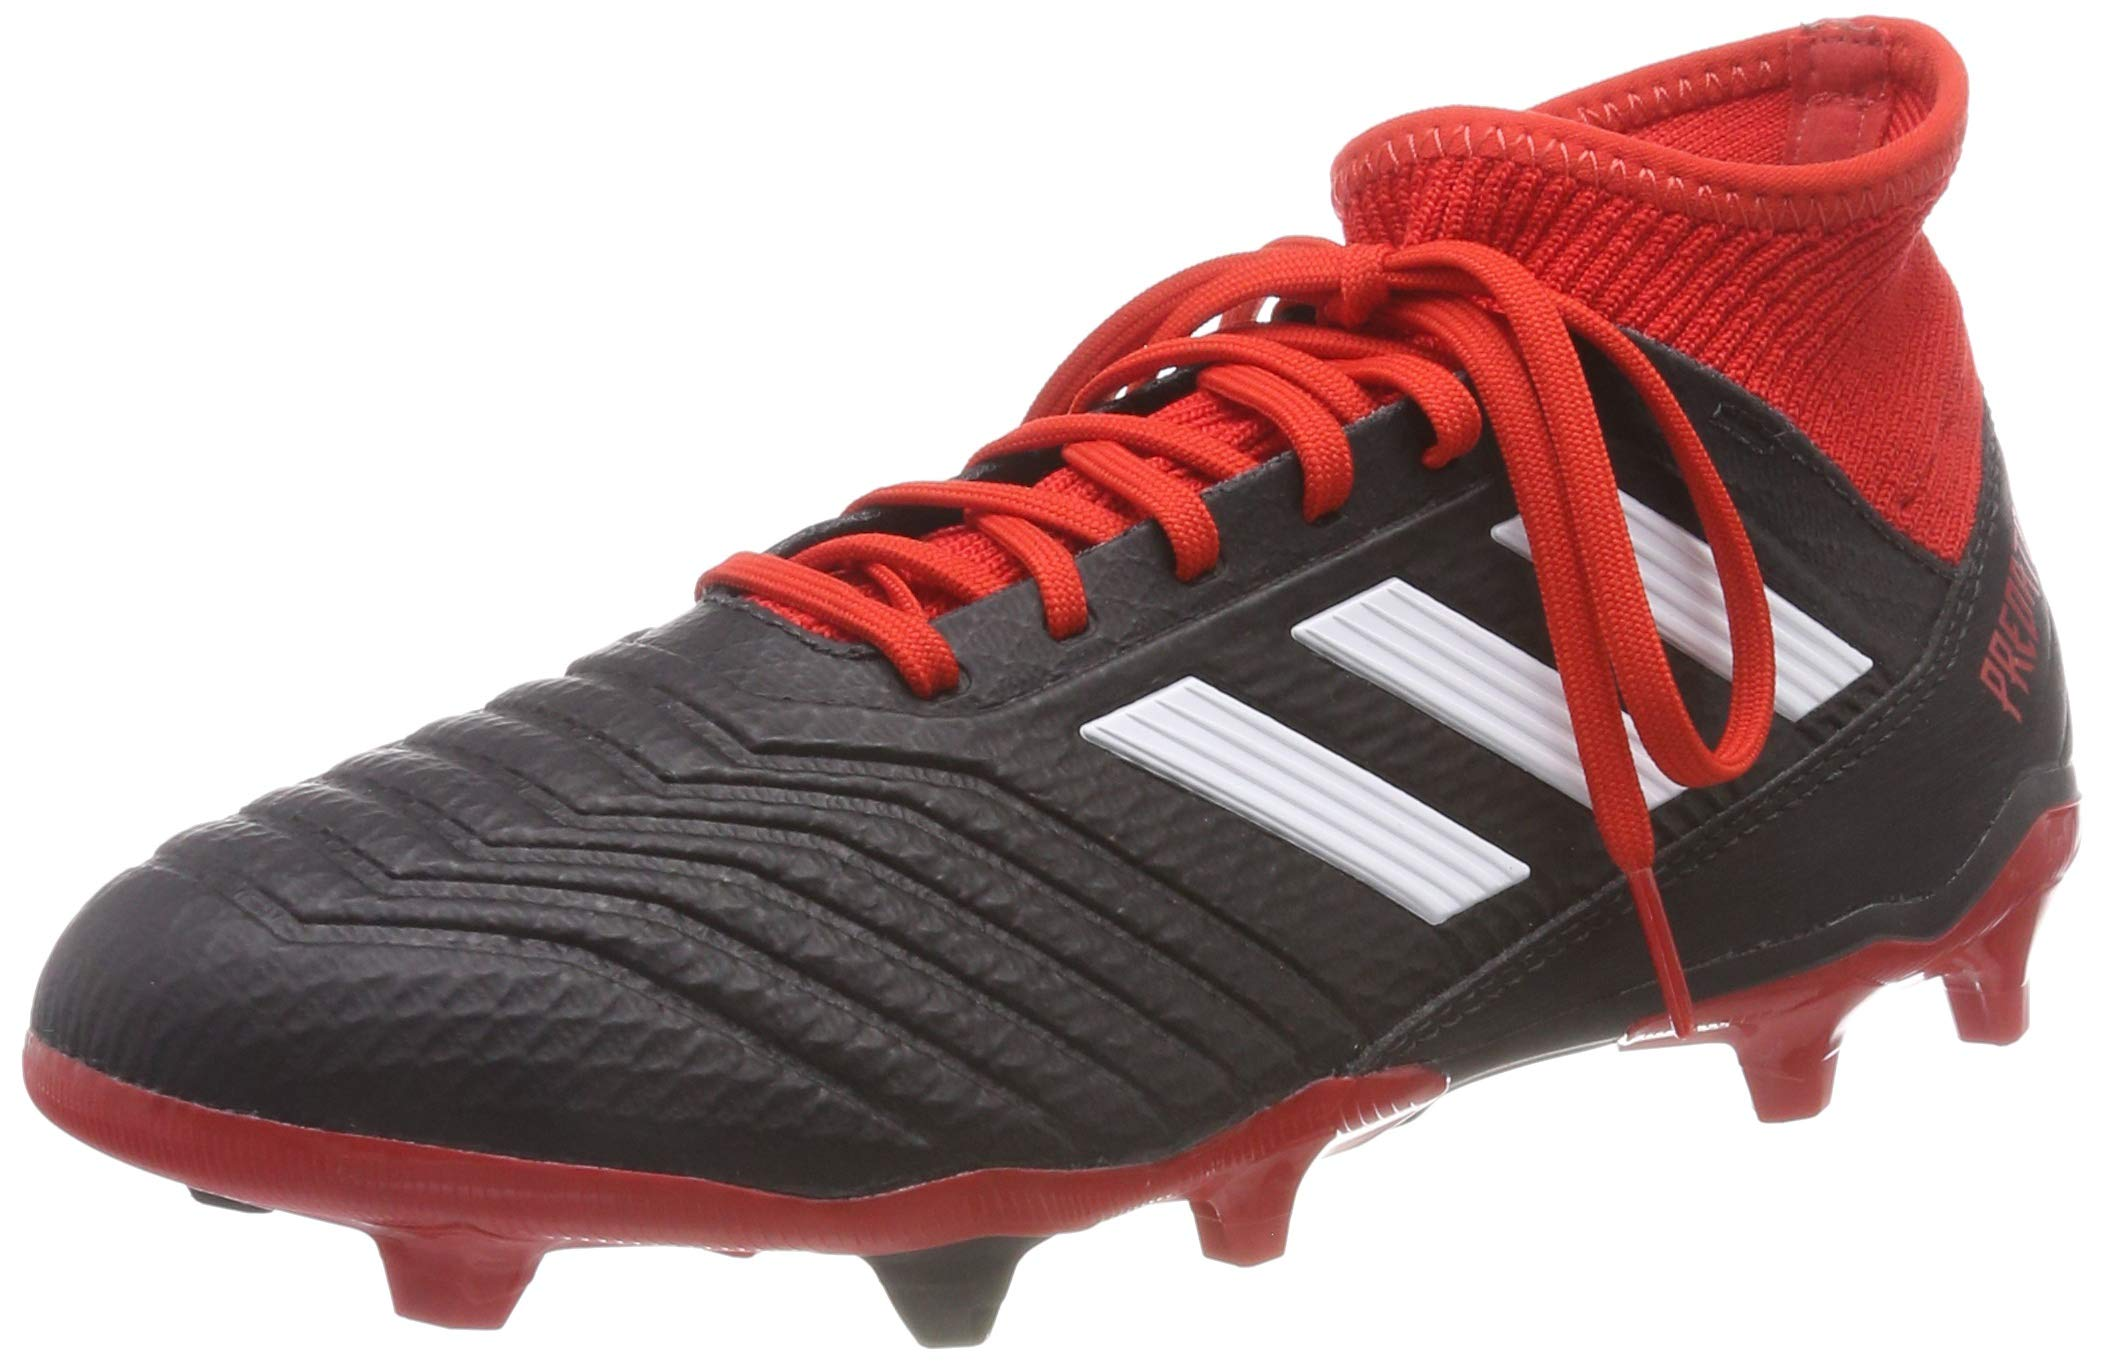 newest 932a2 6c058 adidas Predator 18.3 FG, Botas de fútbol para Hombre